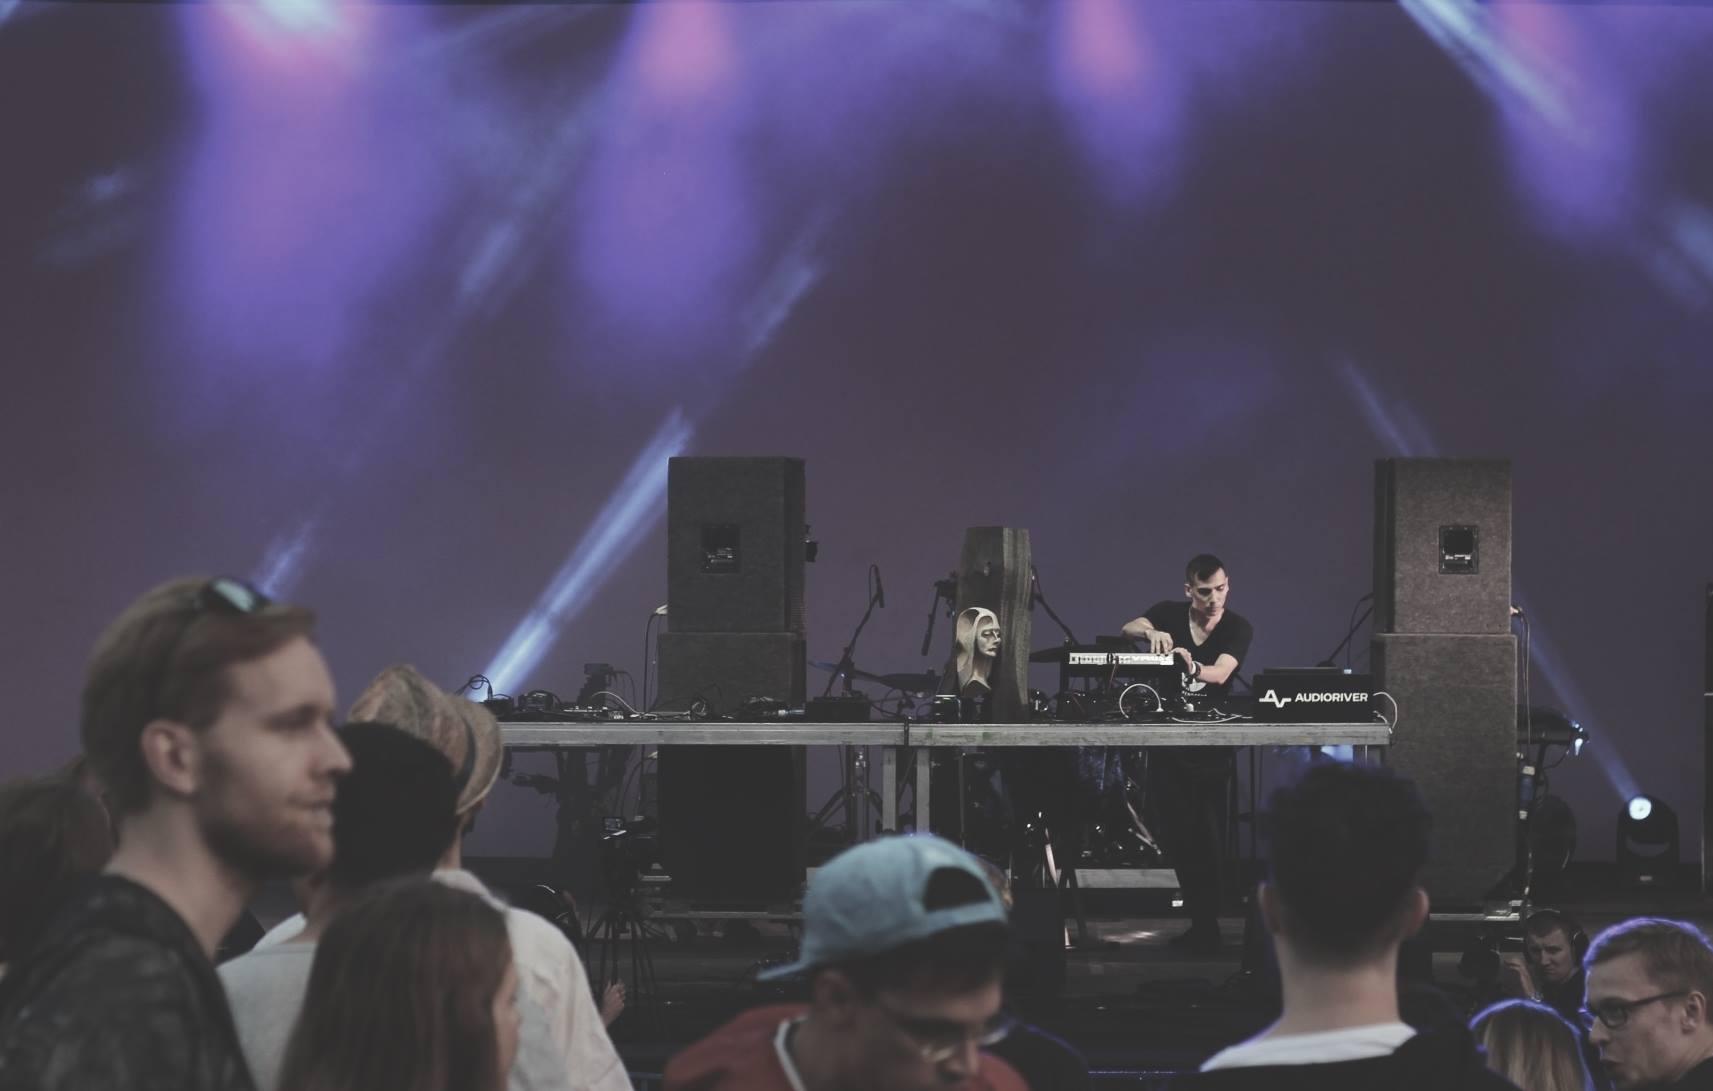 DJ na scenie grający na imprezie